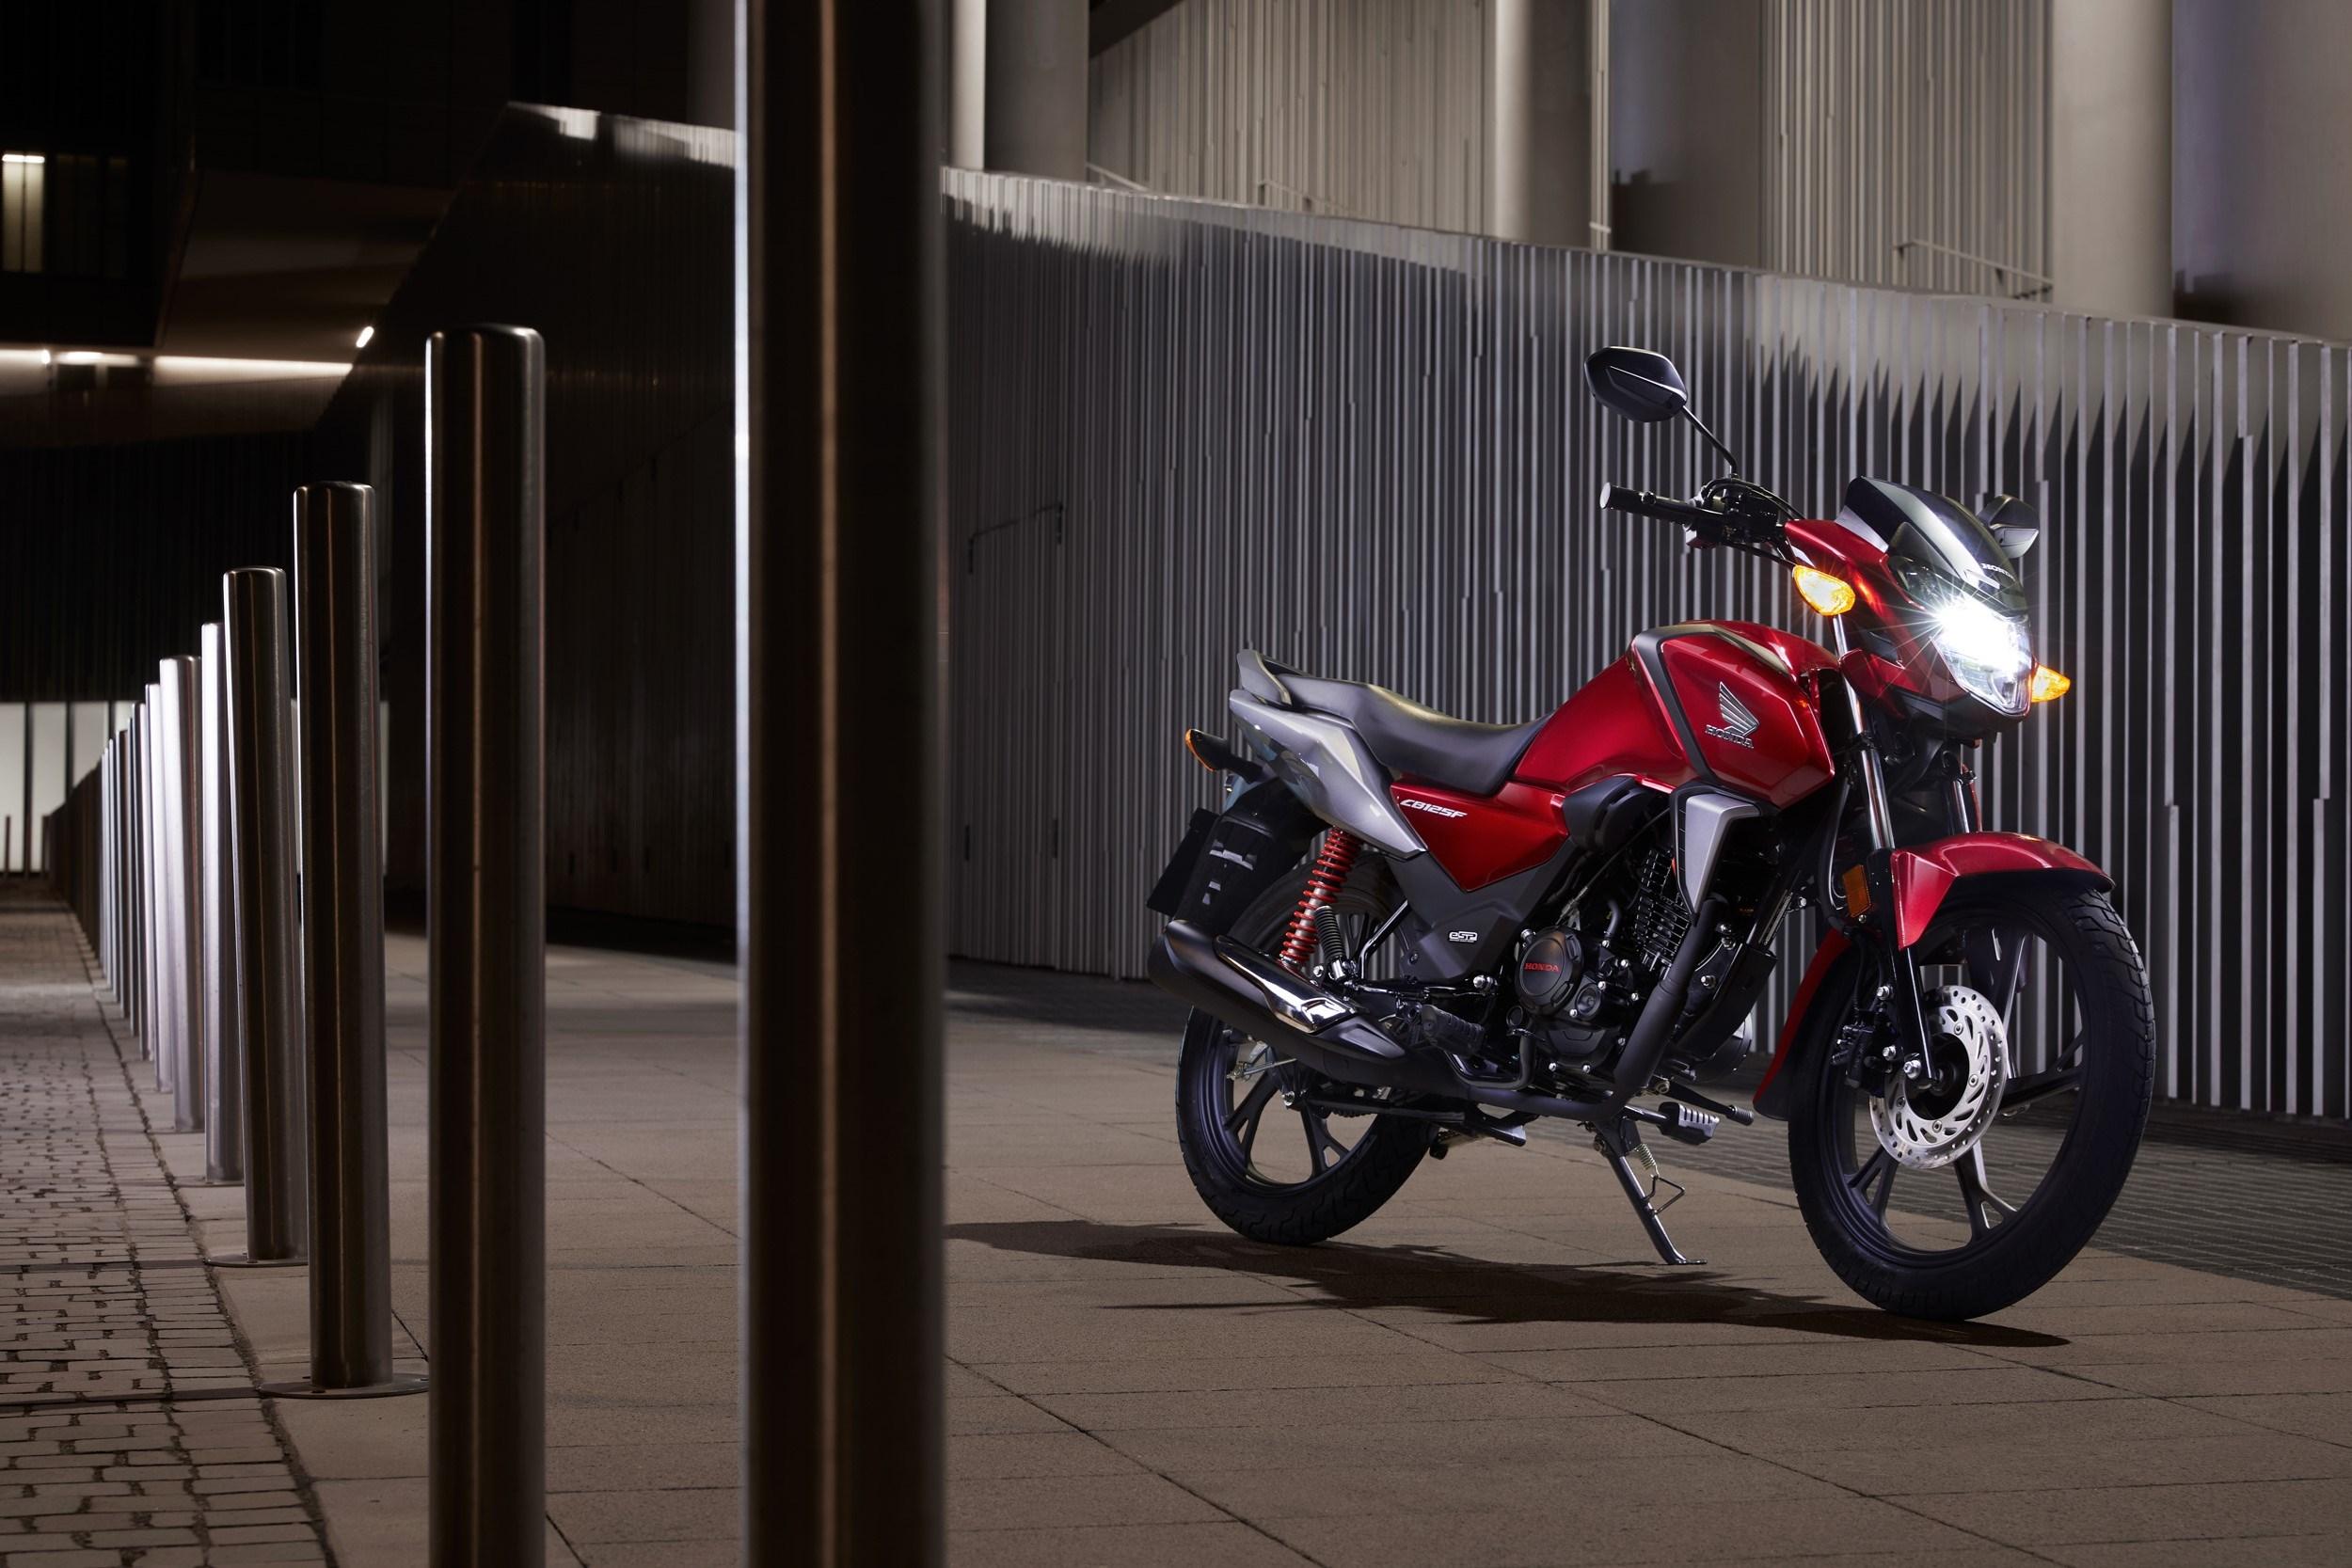 Honda CB125F: μια εξαιρετική και αξιόπιστη πρόταση για νέους αναβάτες!